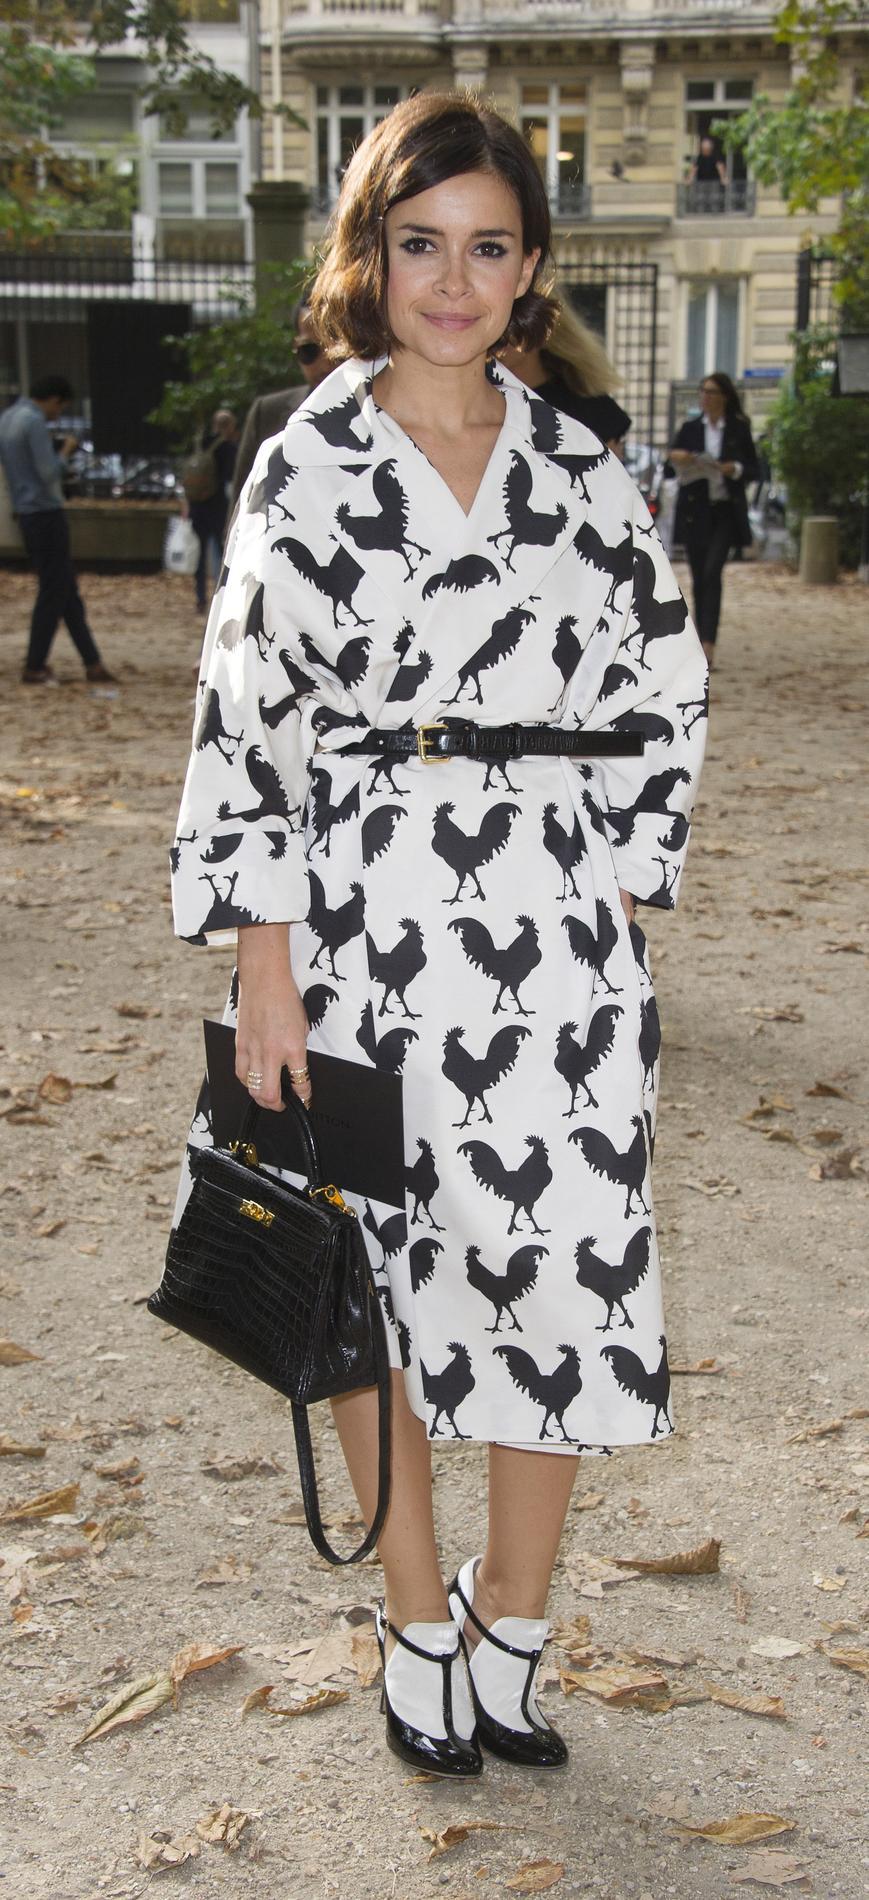 e1c9ea5051 Photo DP Collector Square De Miranda Kerr à Eva Longoria, cinq façons de  porter le Kelly d'Hermès De Miranda Kerr à Eva Longoria, cinq façons de  porter le ...